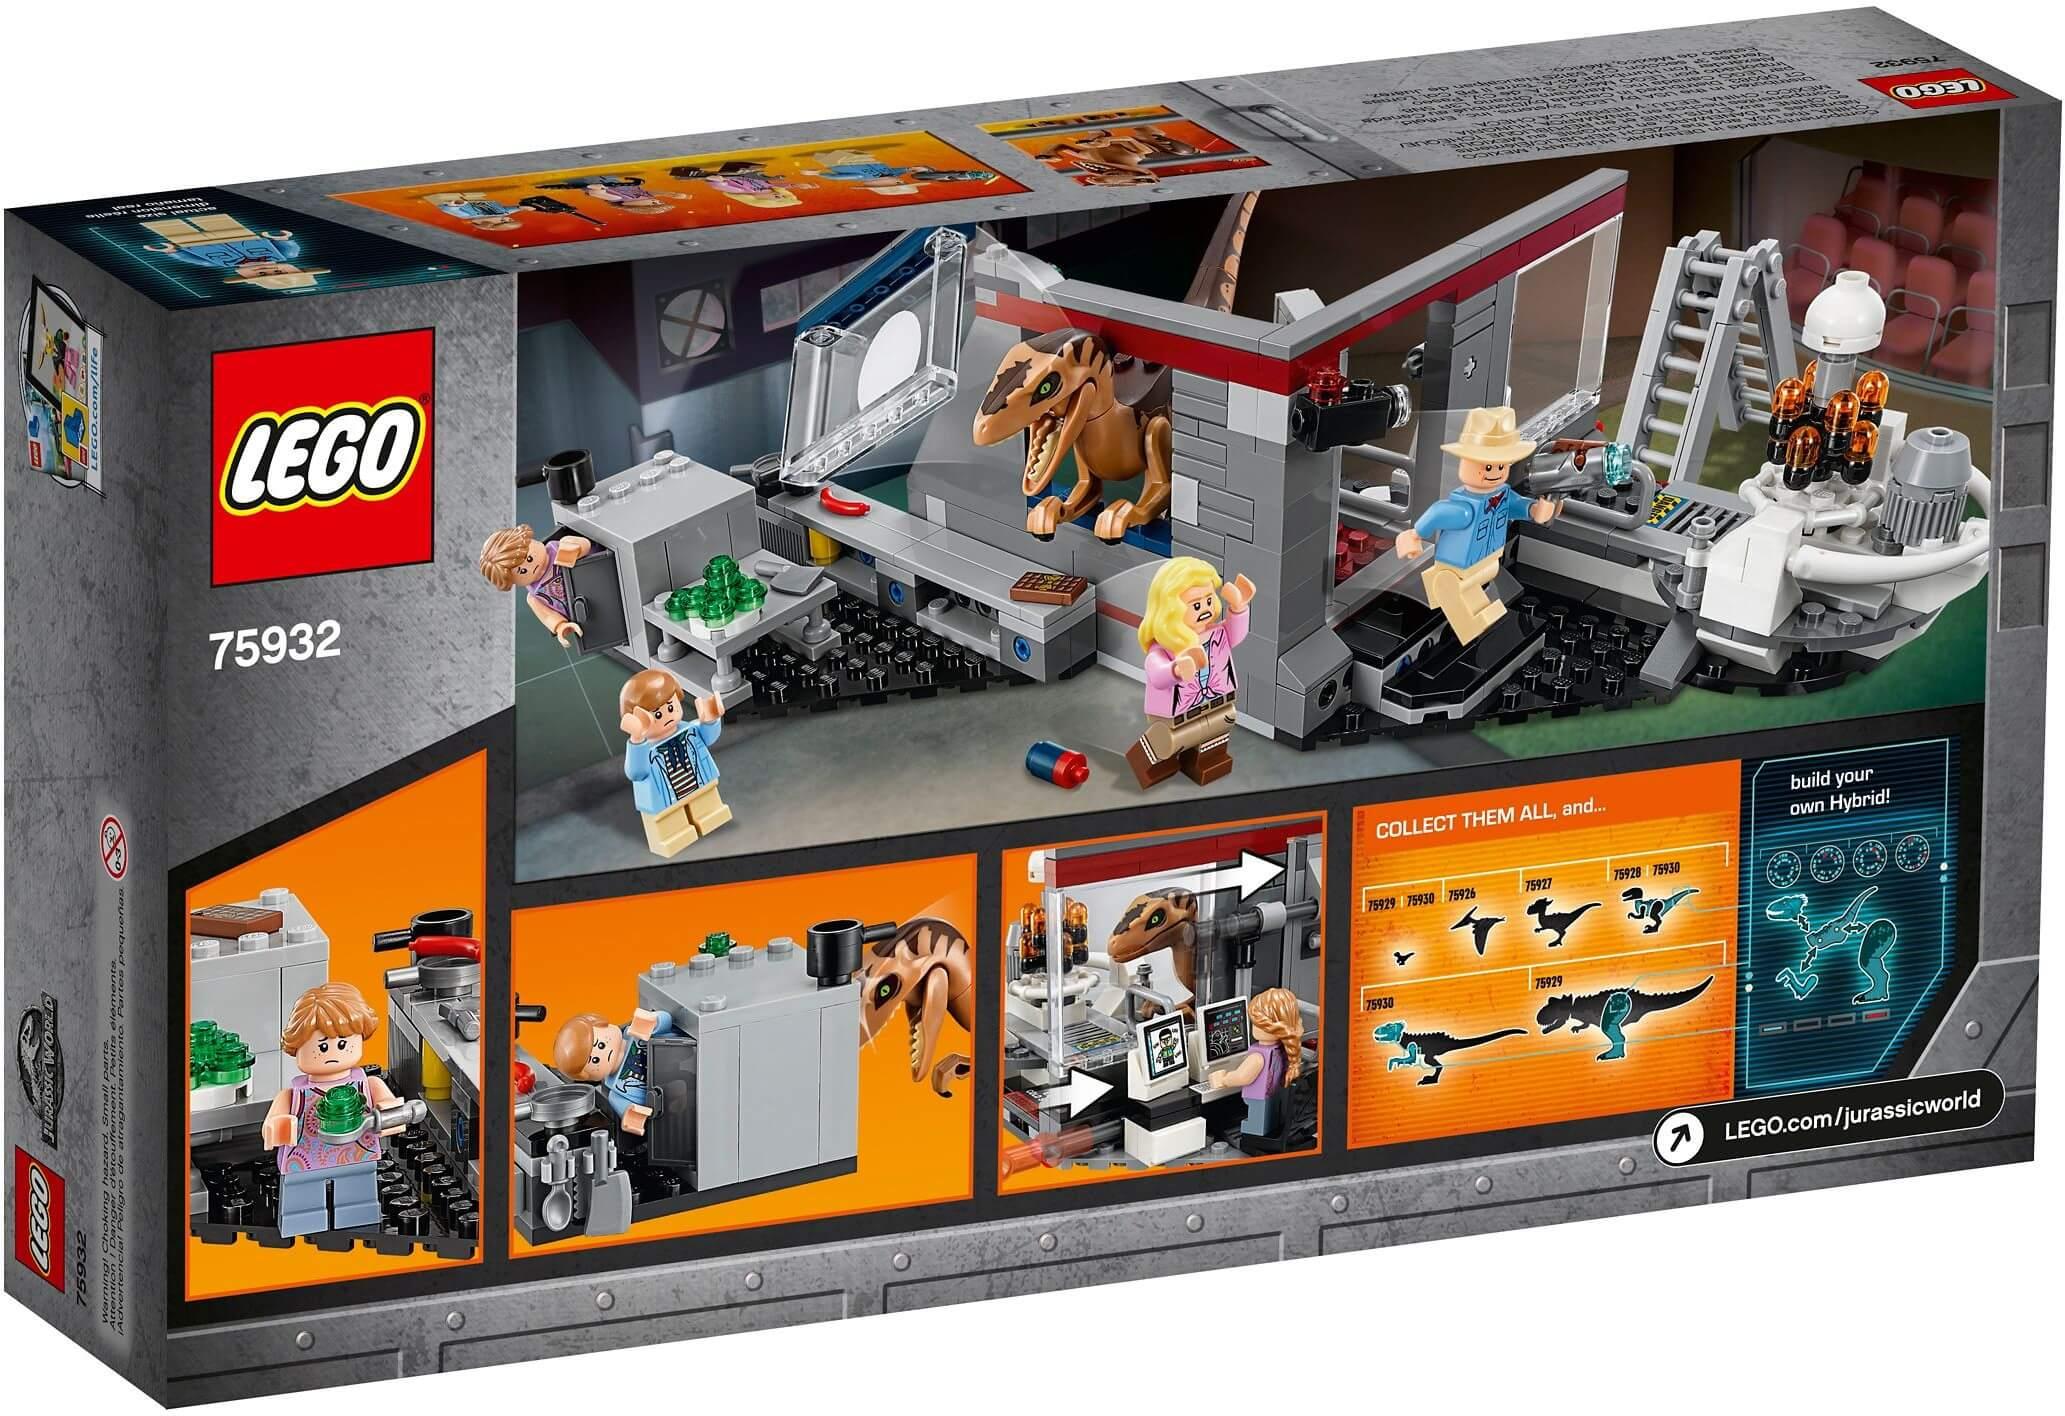 Mua đồ chơi LEGO 75932 - LEGO Khủng Long Jurassic World 75932 - Phòng Thí Nghiệm Khủng Long Săn Mồi Velociraptor (LEGO 75932 Jurassic Park Velociraptor Chase)